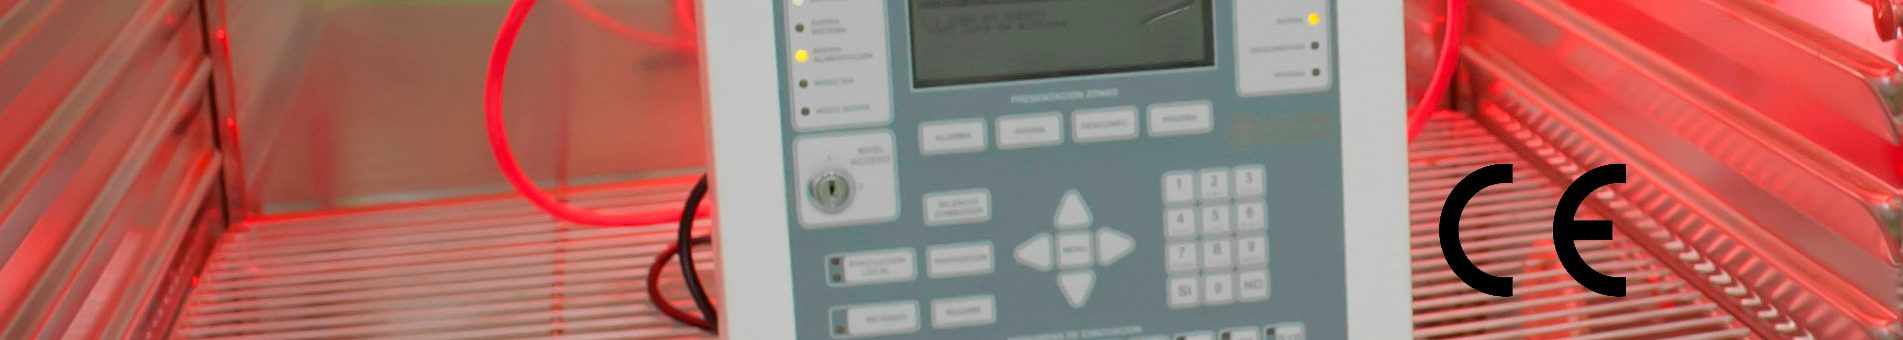 Marcado-CE equipos y productos